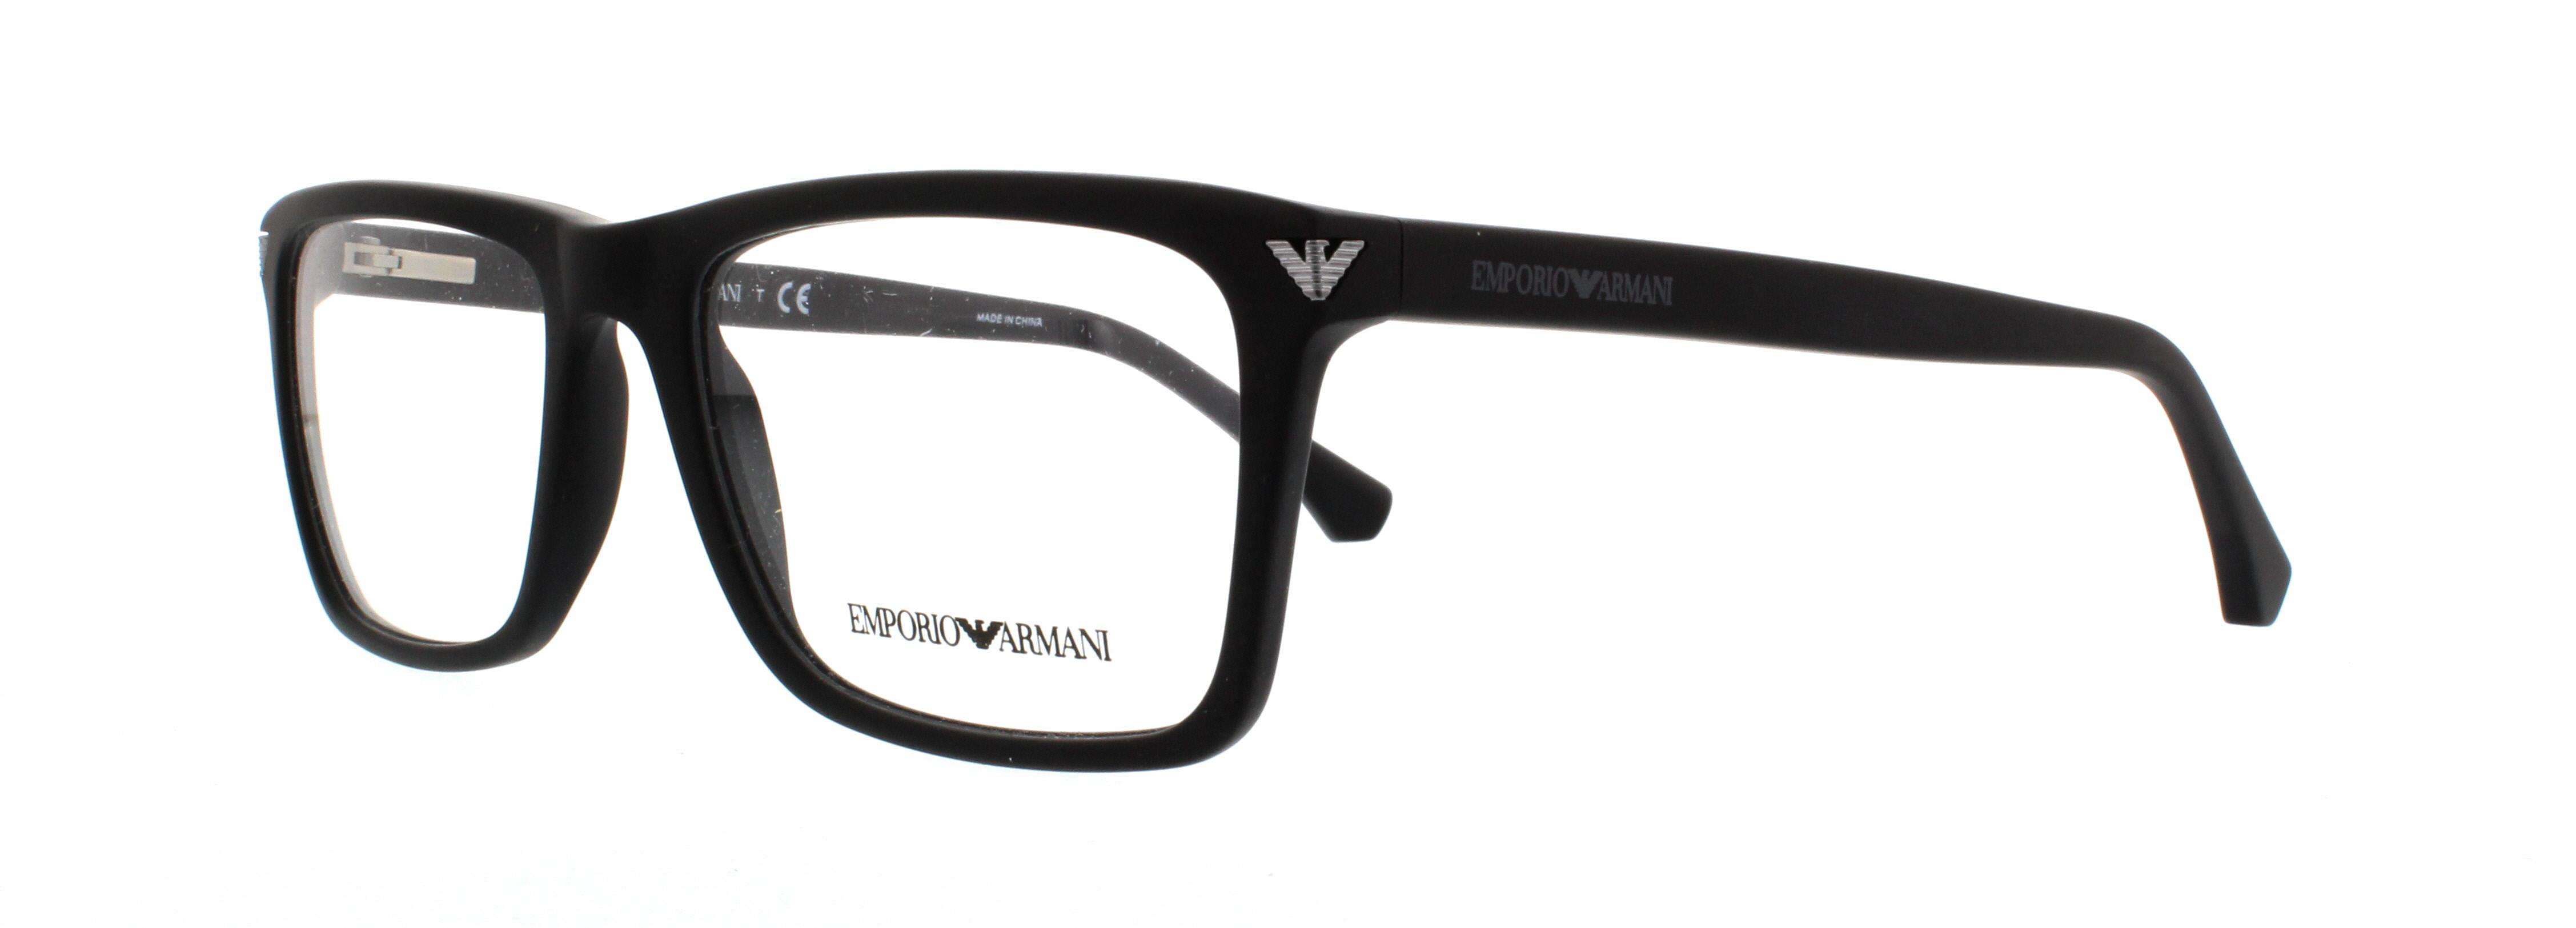 EMPORIO ARMANI Eyeglasses EA3071 5042 Matte Black 55MM 8053672467246 ...